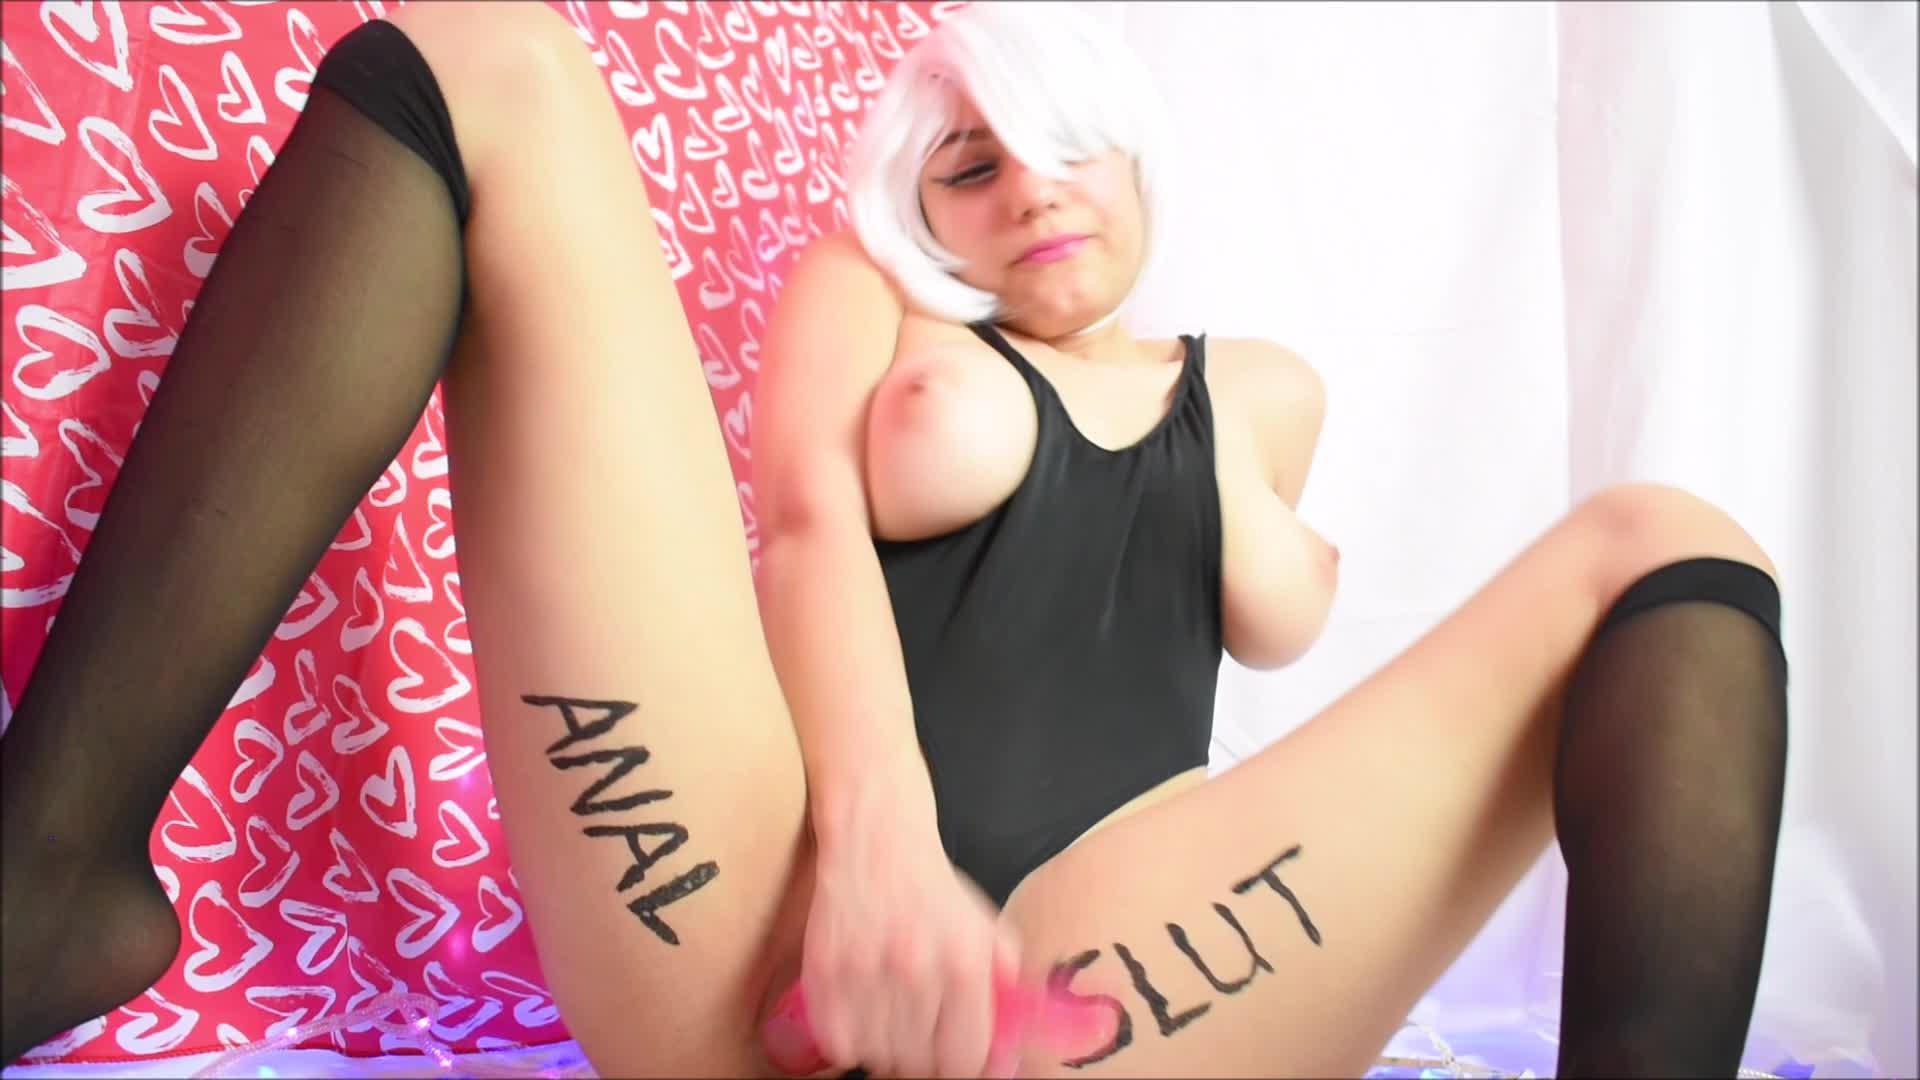 Blonde big boobs pornstar fucked outdoors sia Xxx Clip 12 Big Tit Hd Dp 2b Anal Slut Big Boobs On Pornstar Xfantazy Com